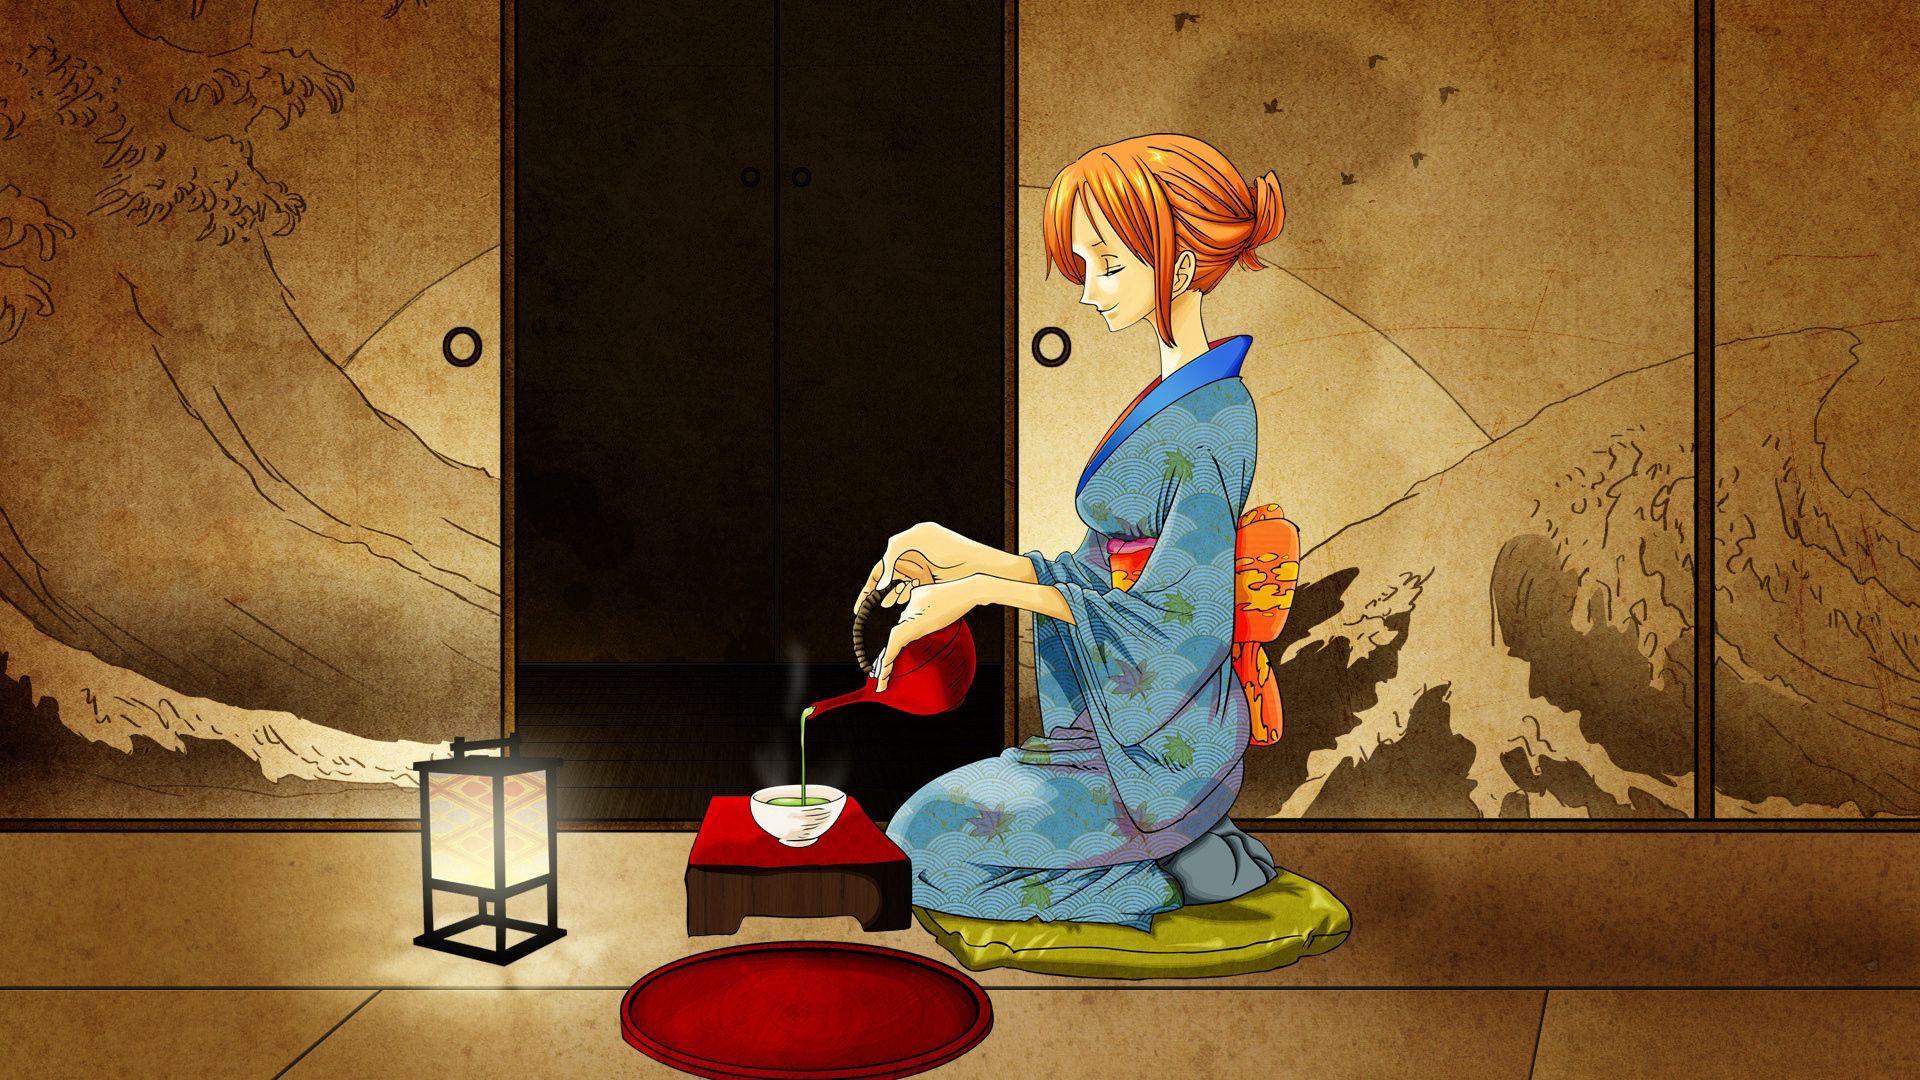 86305壁紙のダウンロード日本製アニメ, 女の子, 着物, 式, セレモニー, お茶, 茶-スクリーンセーバーと写真を無料で